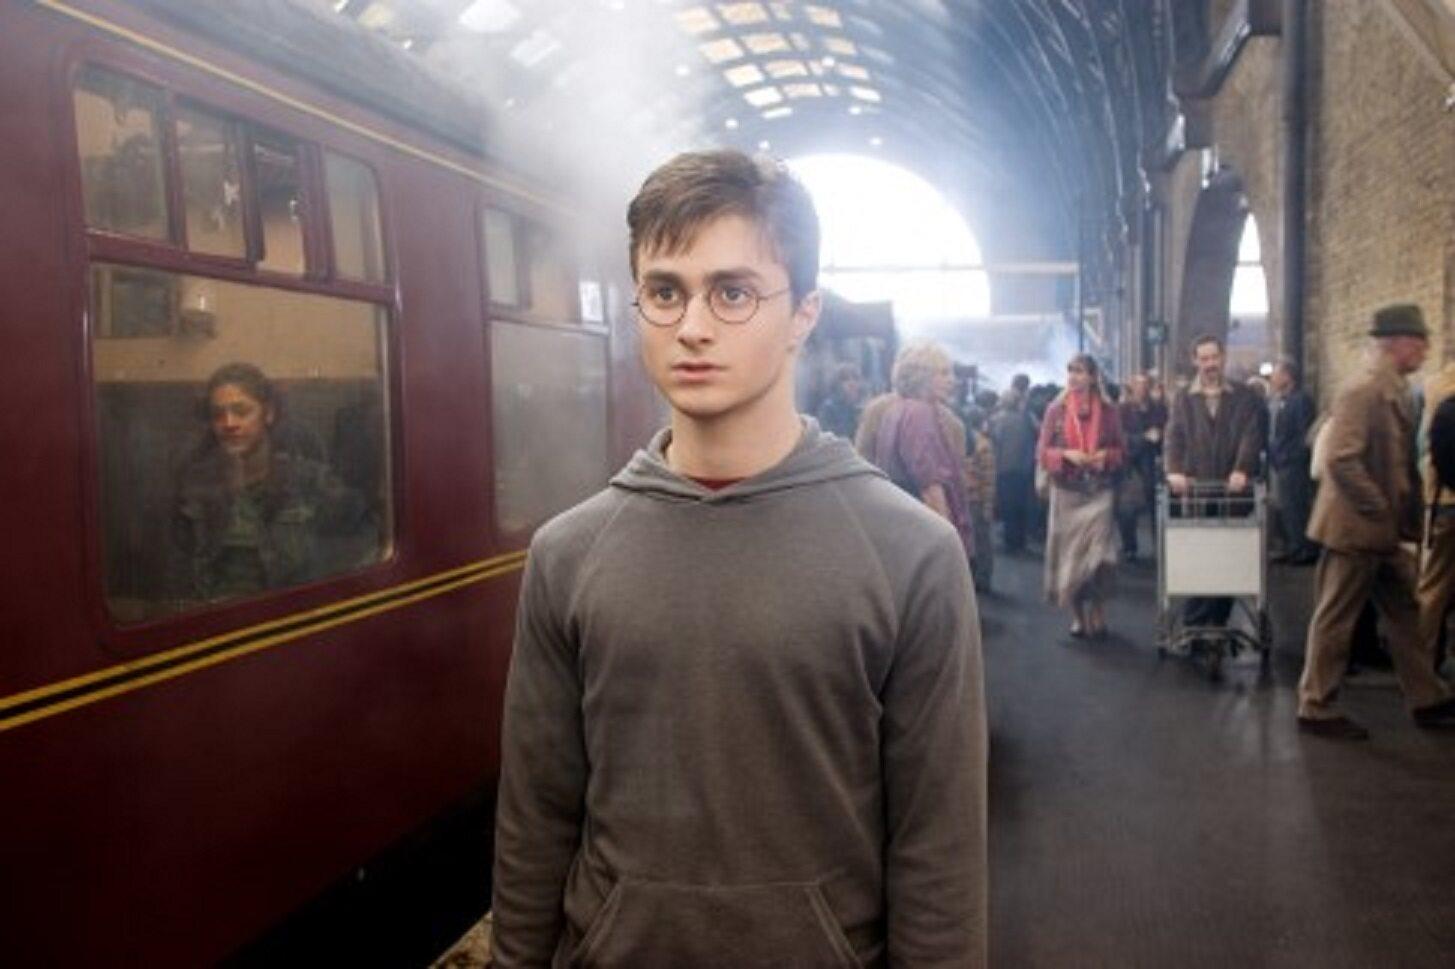 Peron 9 i 3/4 znajdował się na jakiej londyńskiej stacji?